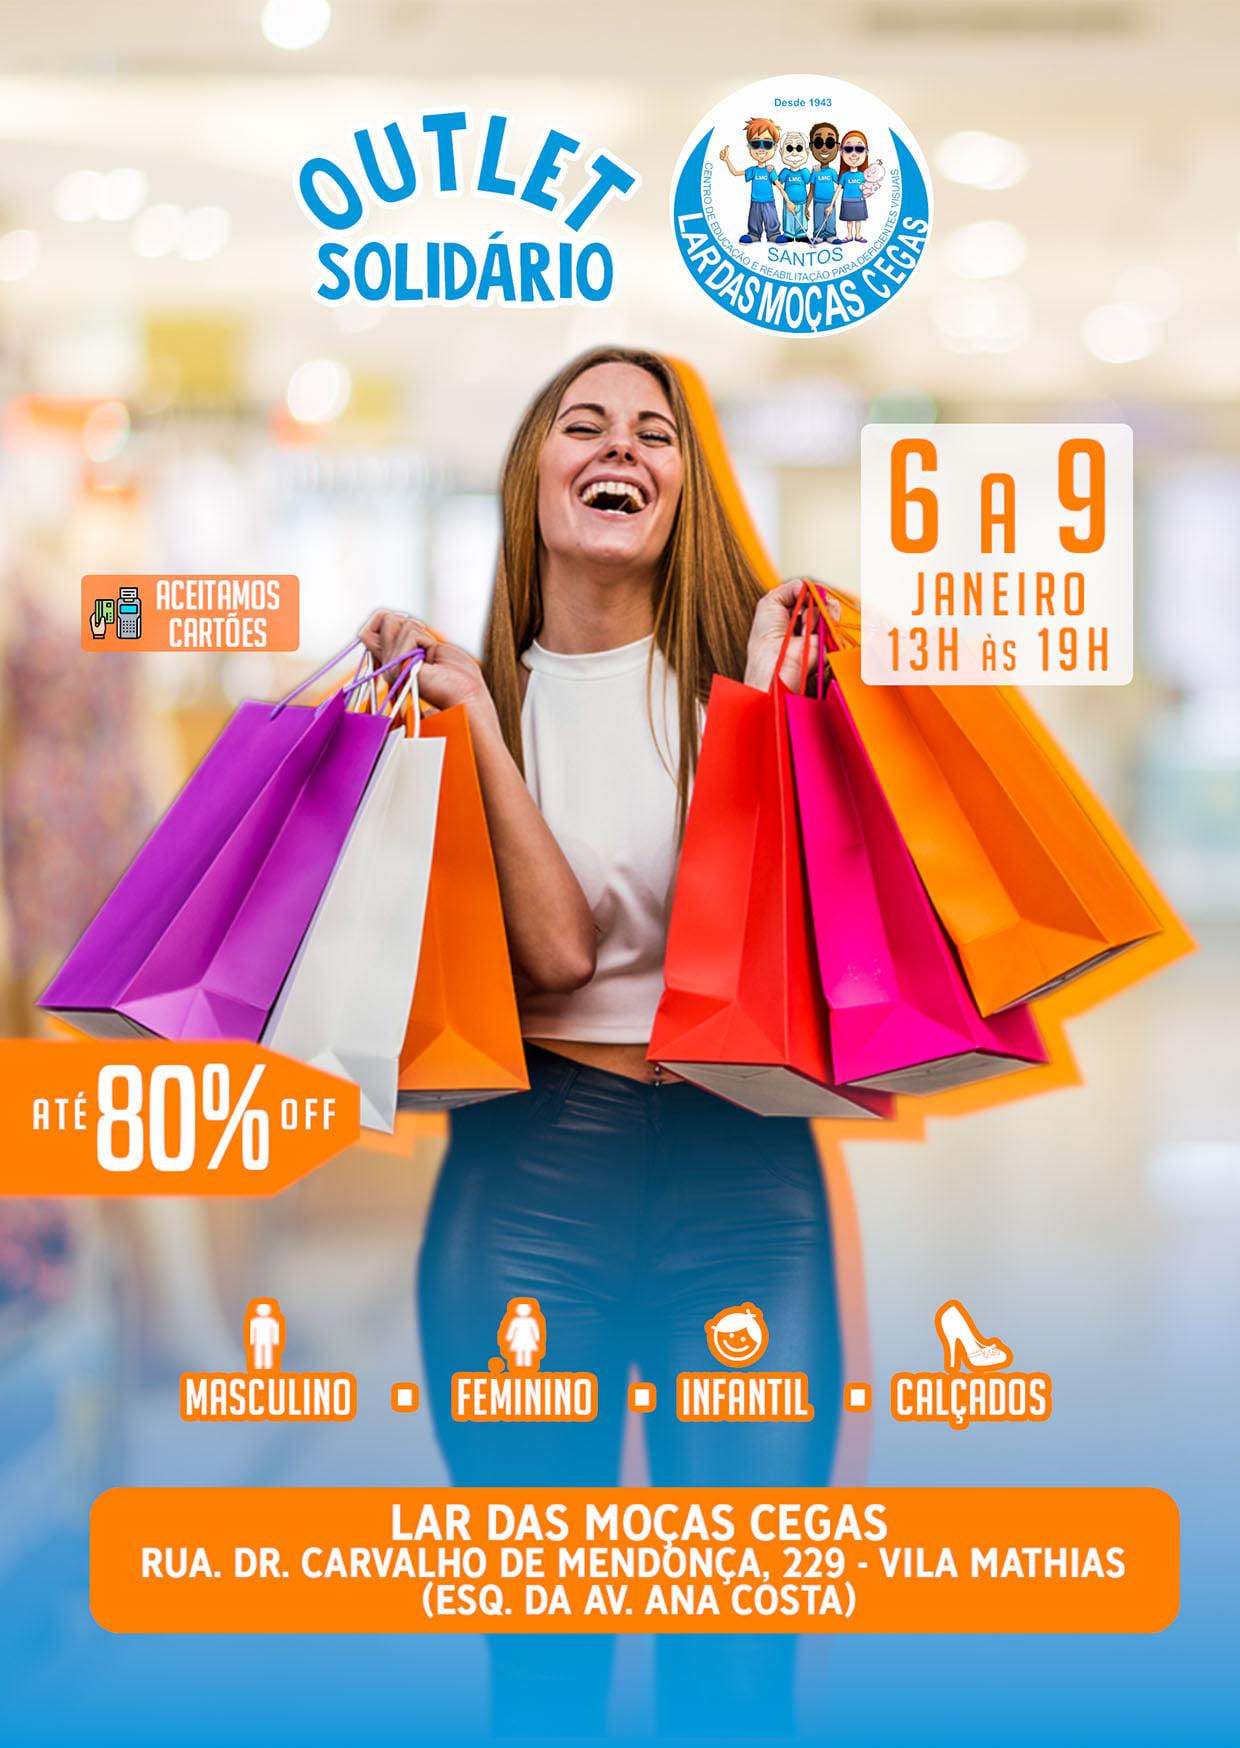 Lar das Moças Cegas promove 'Outlet Solidário'